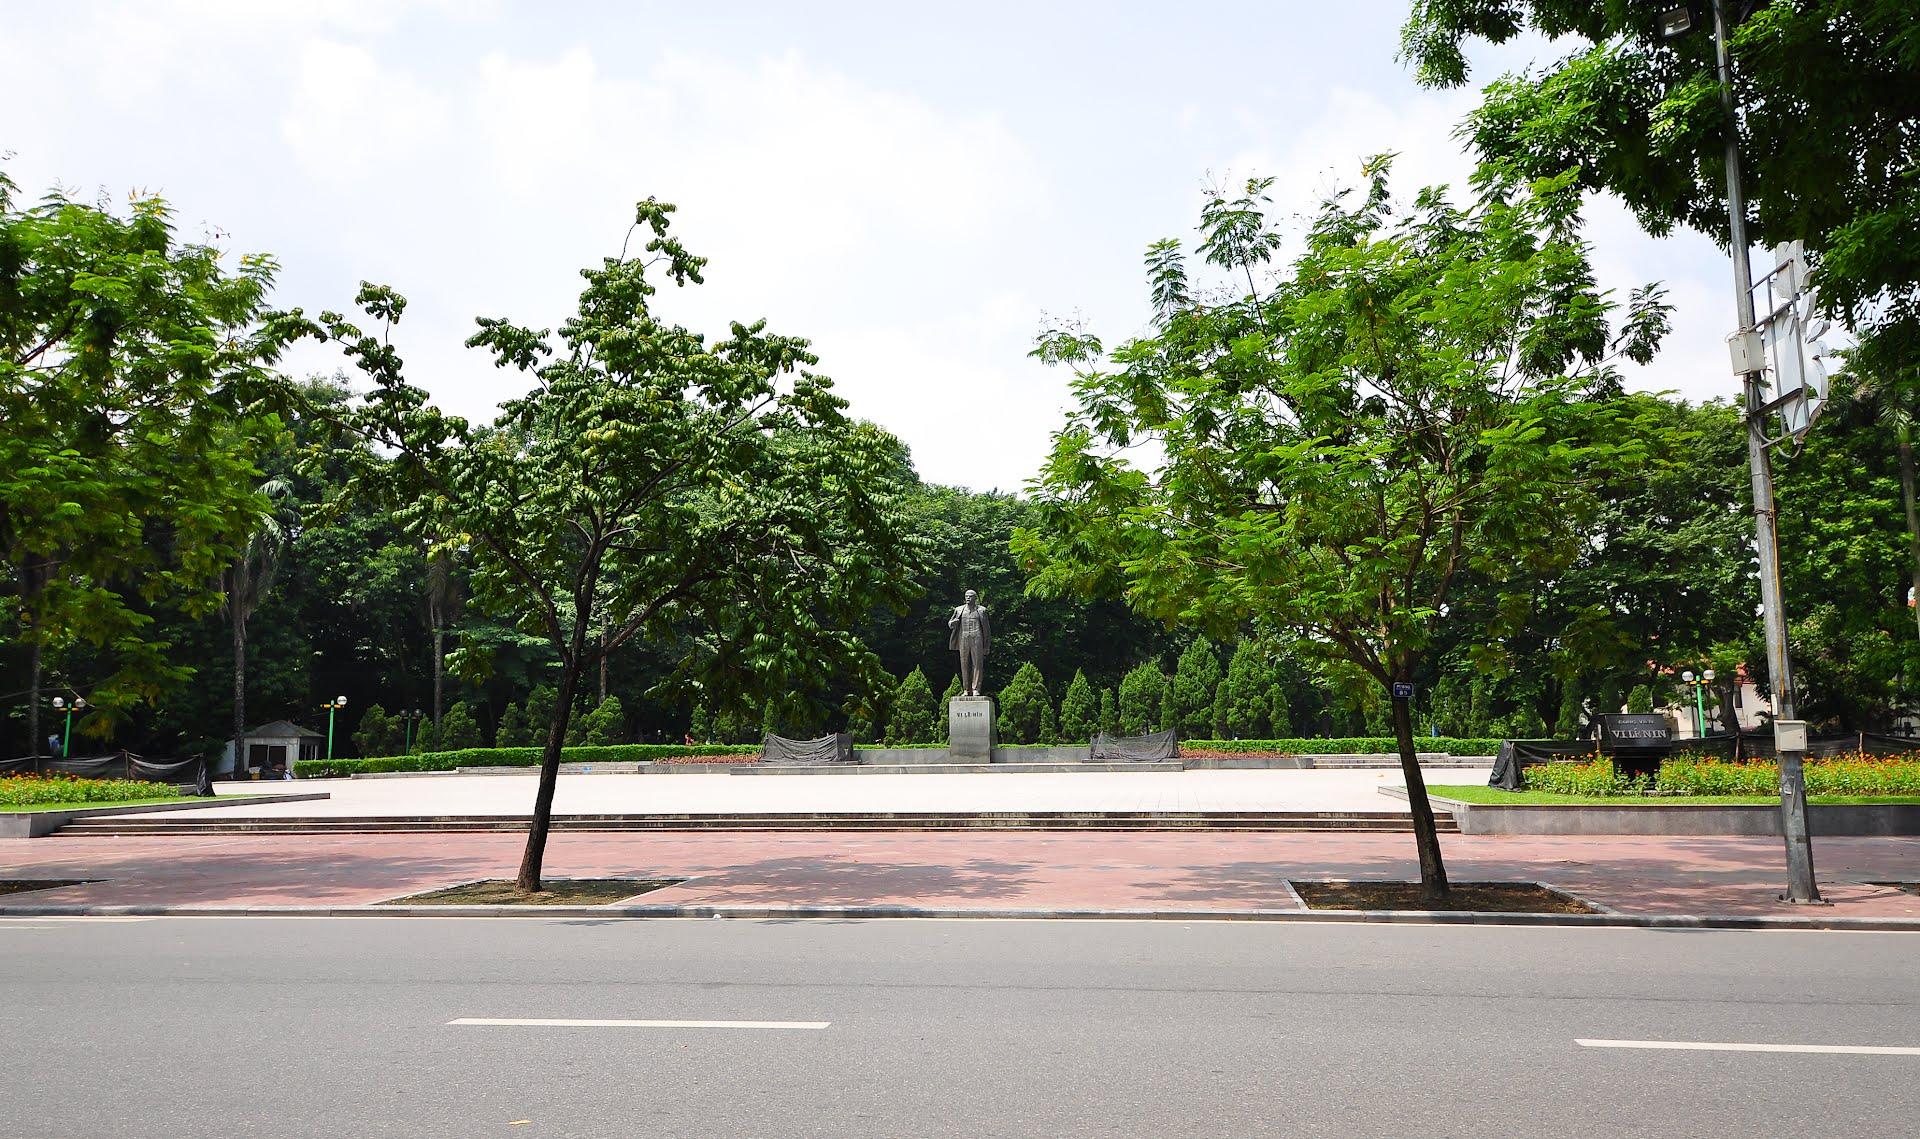 Công viên Lê-nin ngày nay